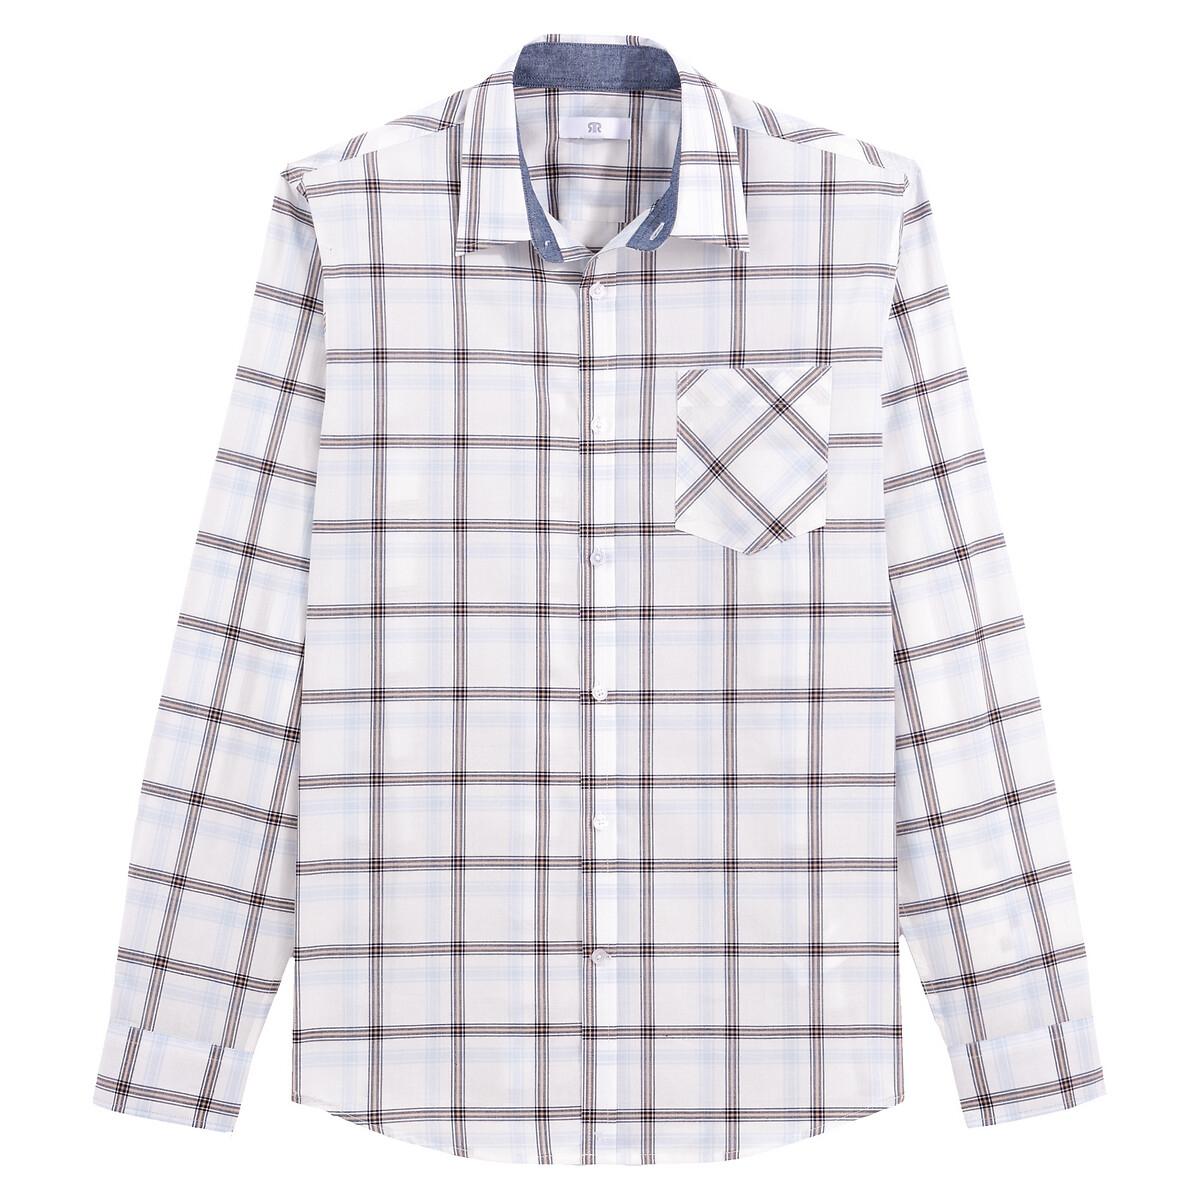 Camisa slim de manga larga con estampado a cuadros